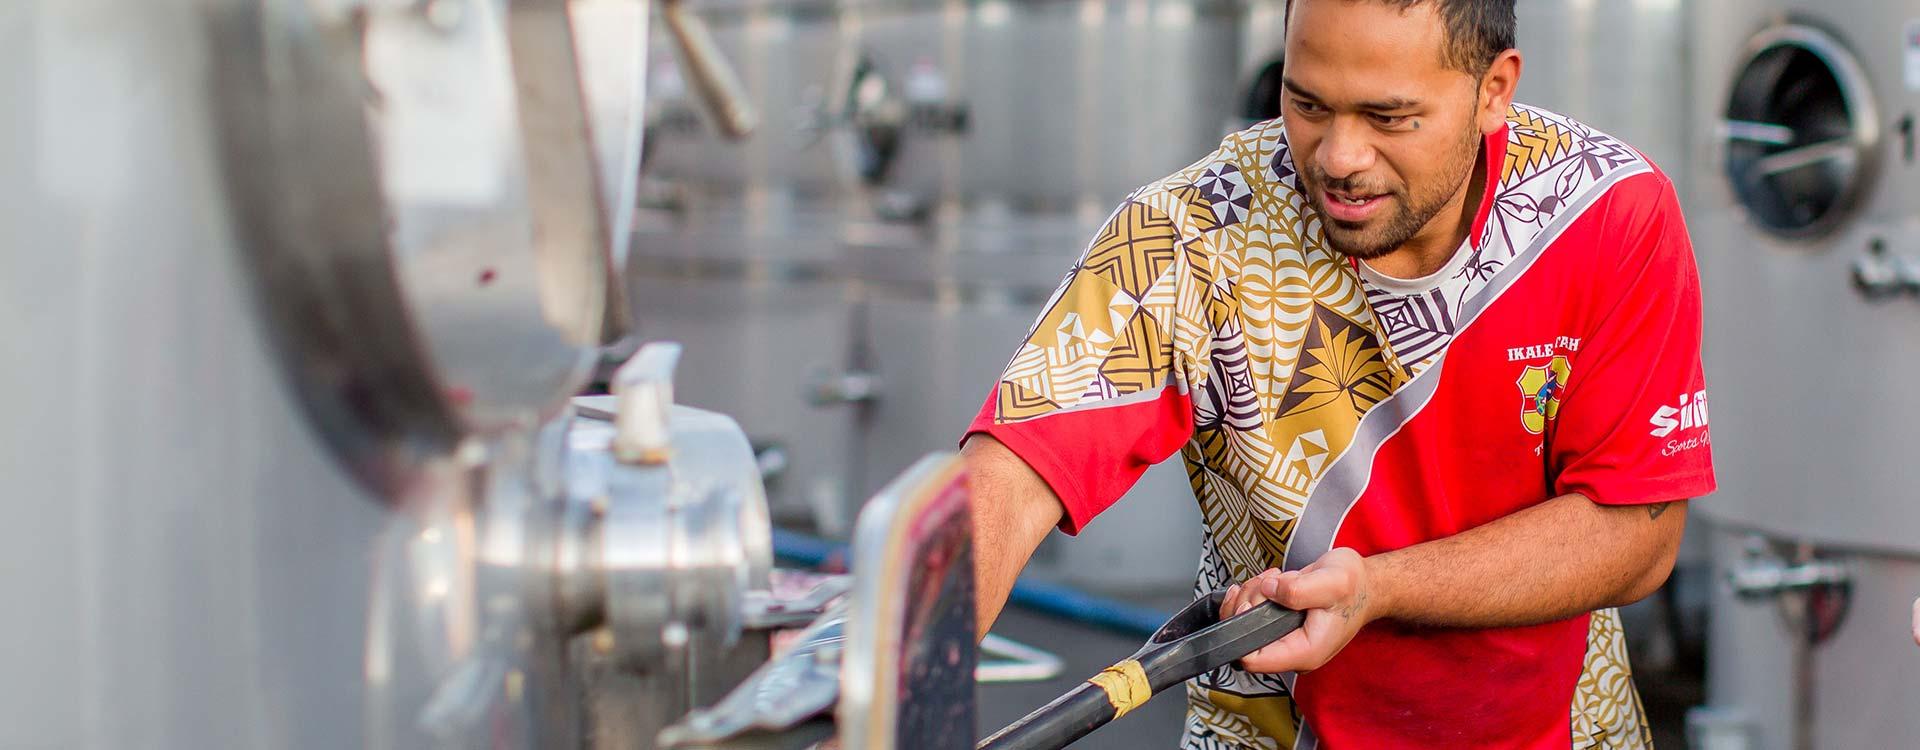 NZ Wineries Employment